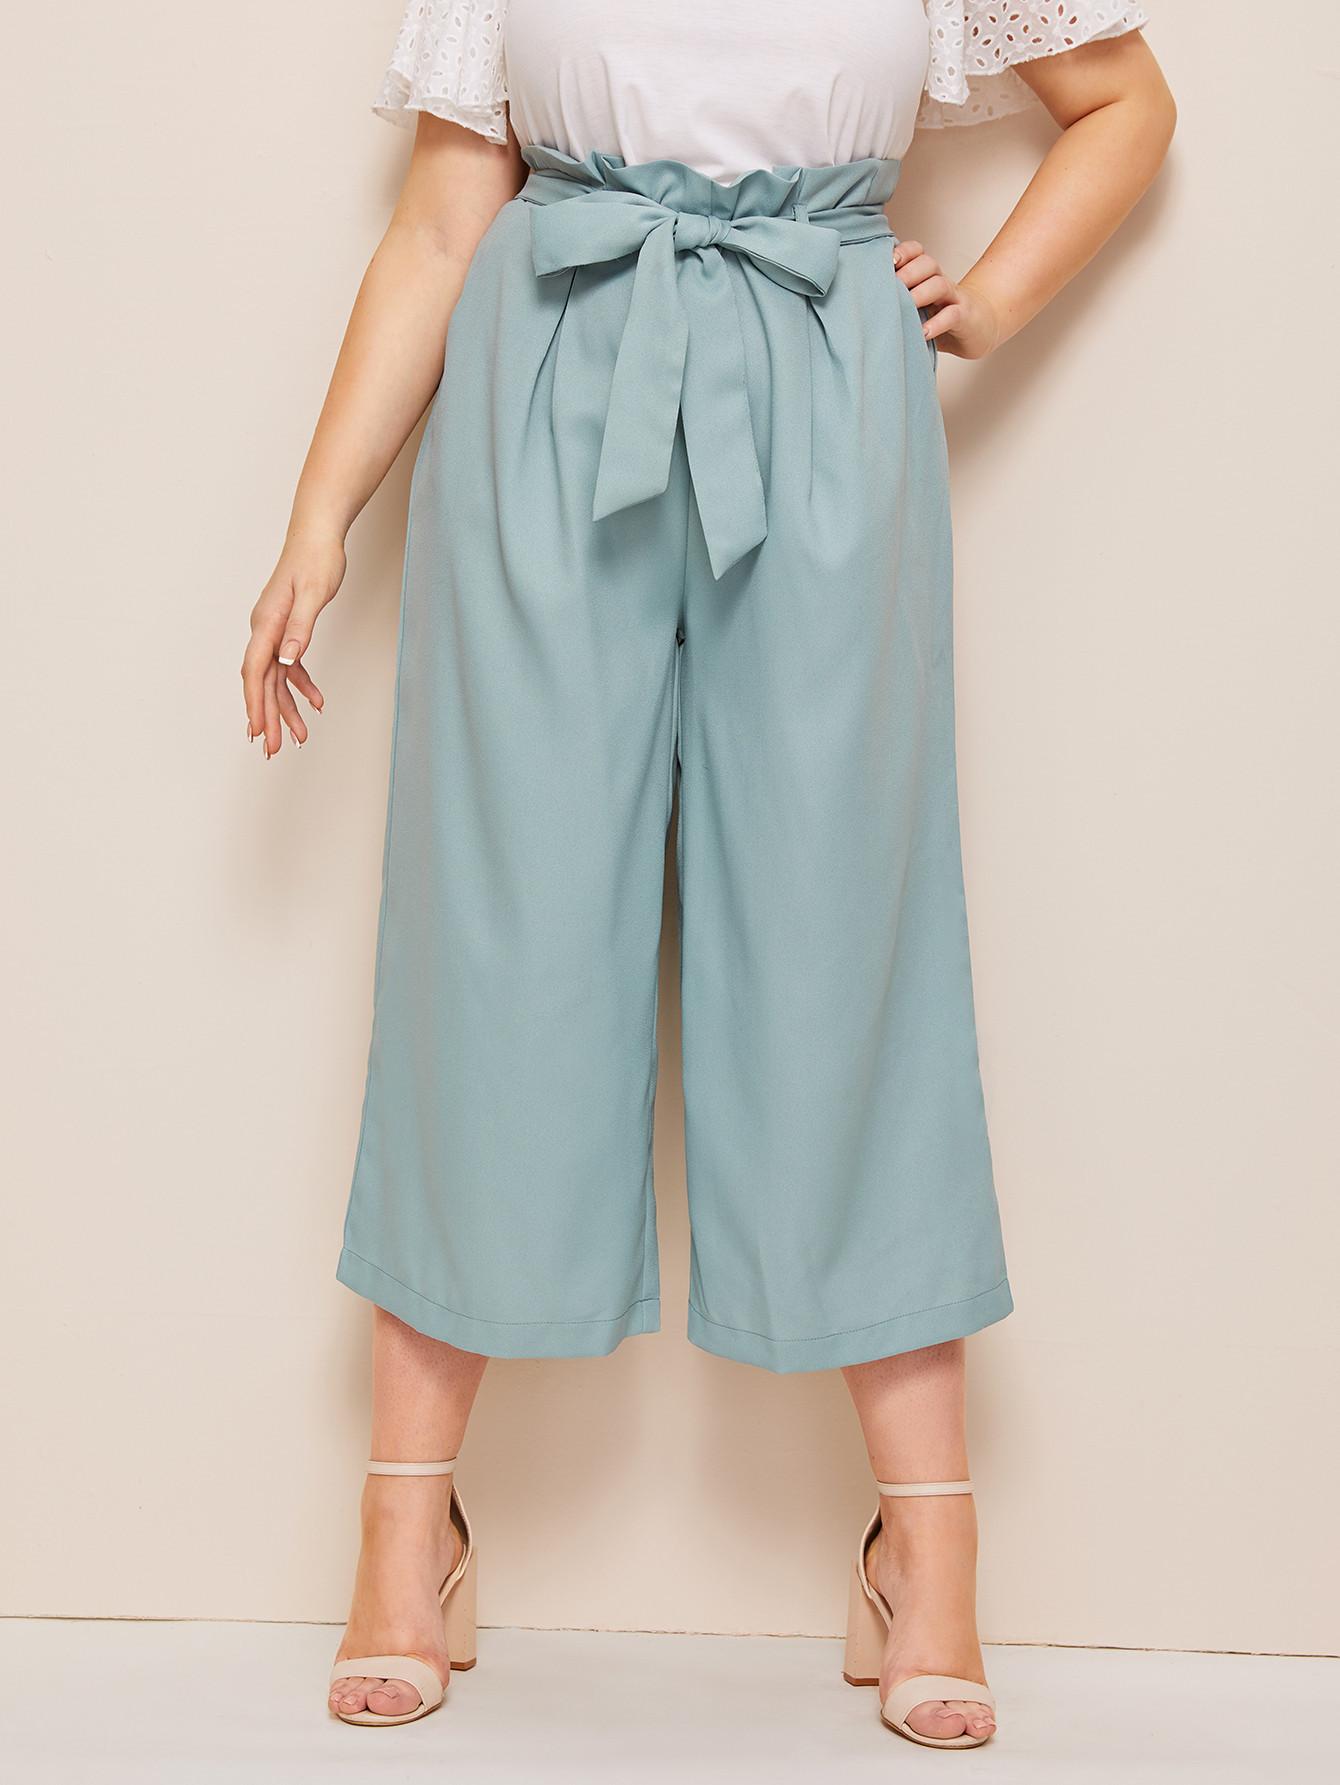 Однотонные брюки с присборенной талией размера плюм